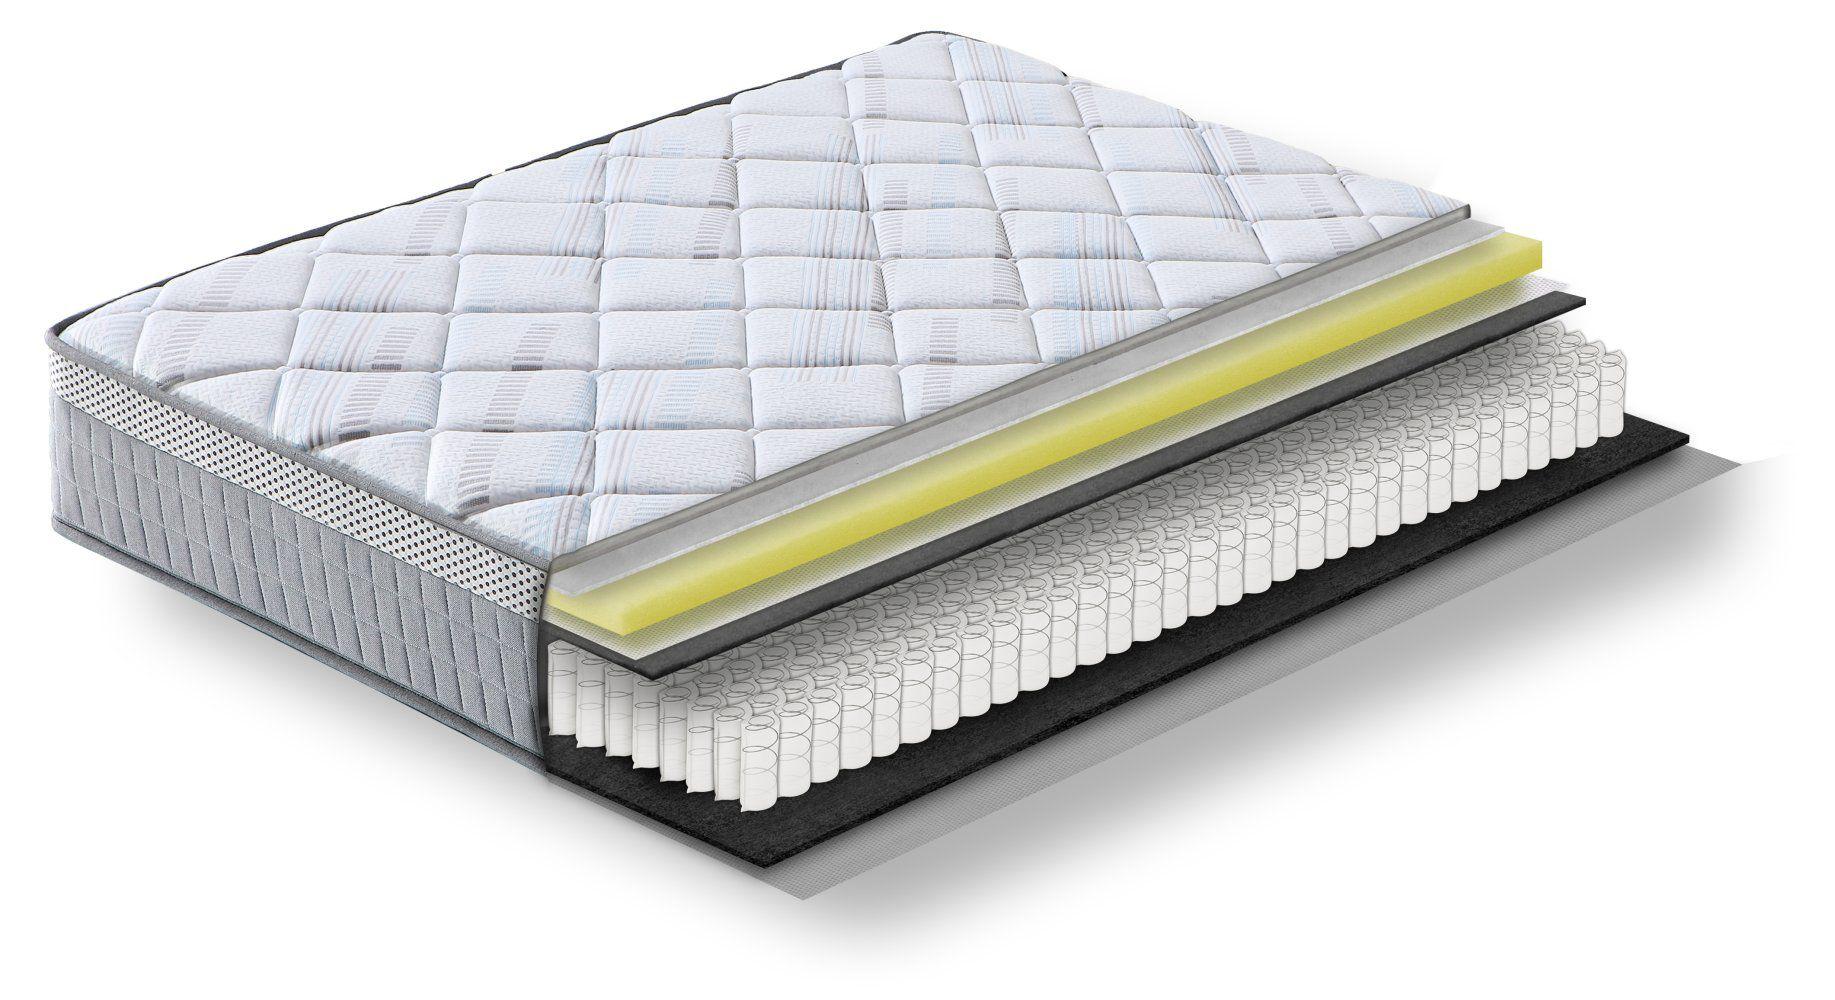 Steiner Premium matras Wonder met pocketveren kern - afmeting: 140 x 200 cm, hardheidsgraad H3, hoogte: 25 cm